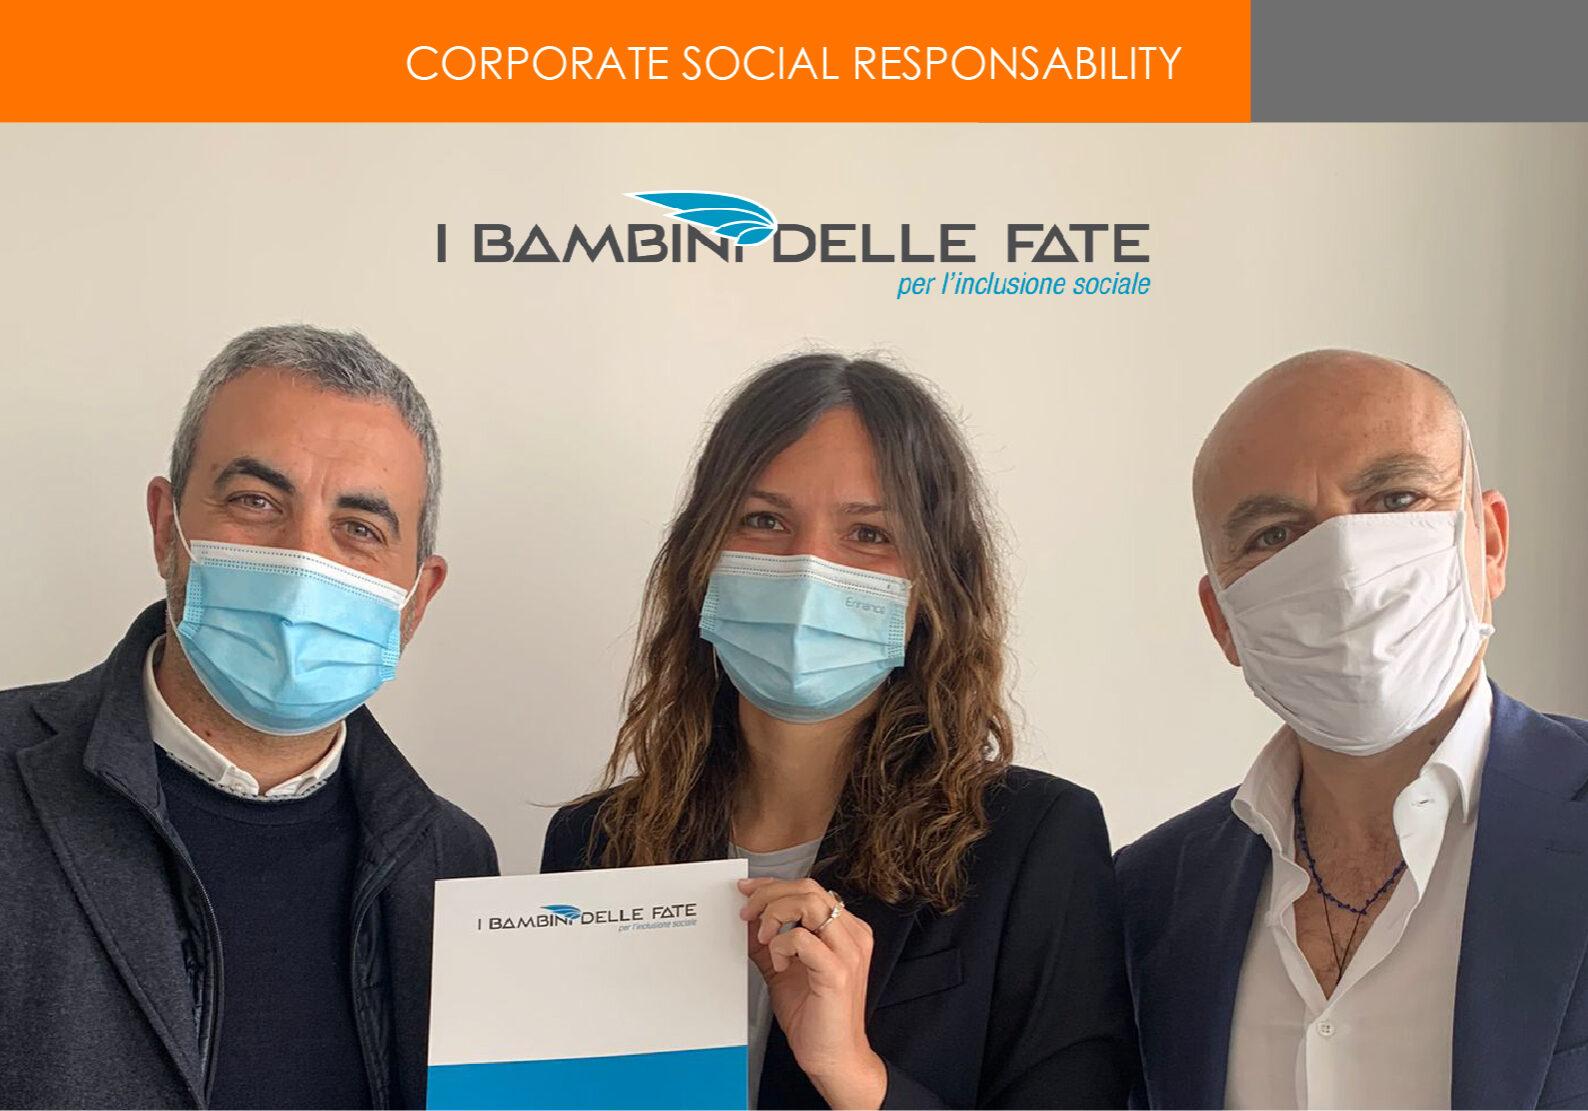 Bambini_delle_fate